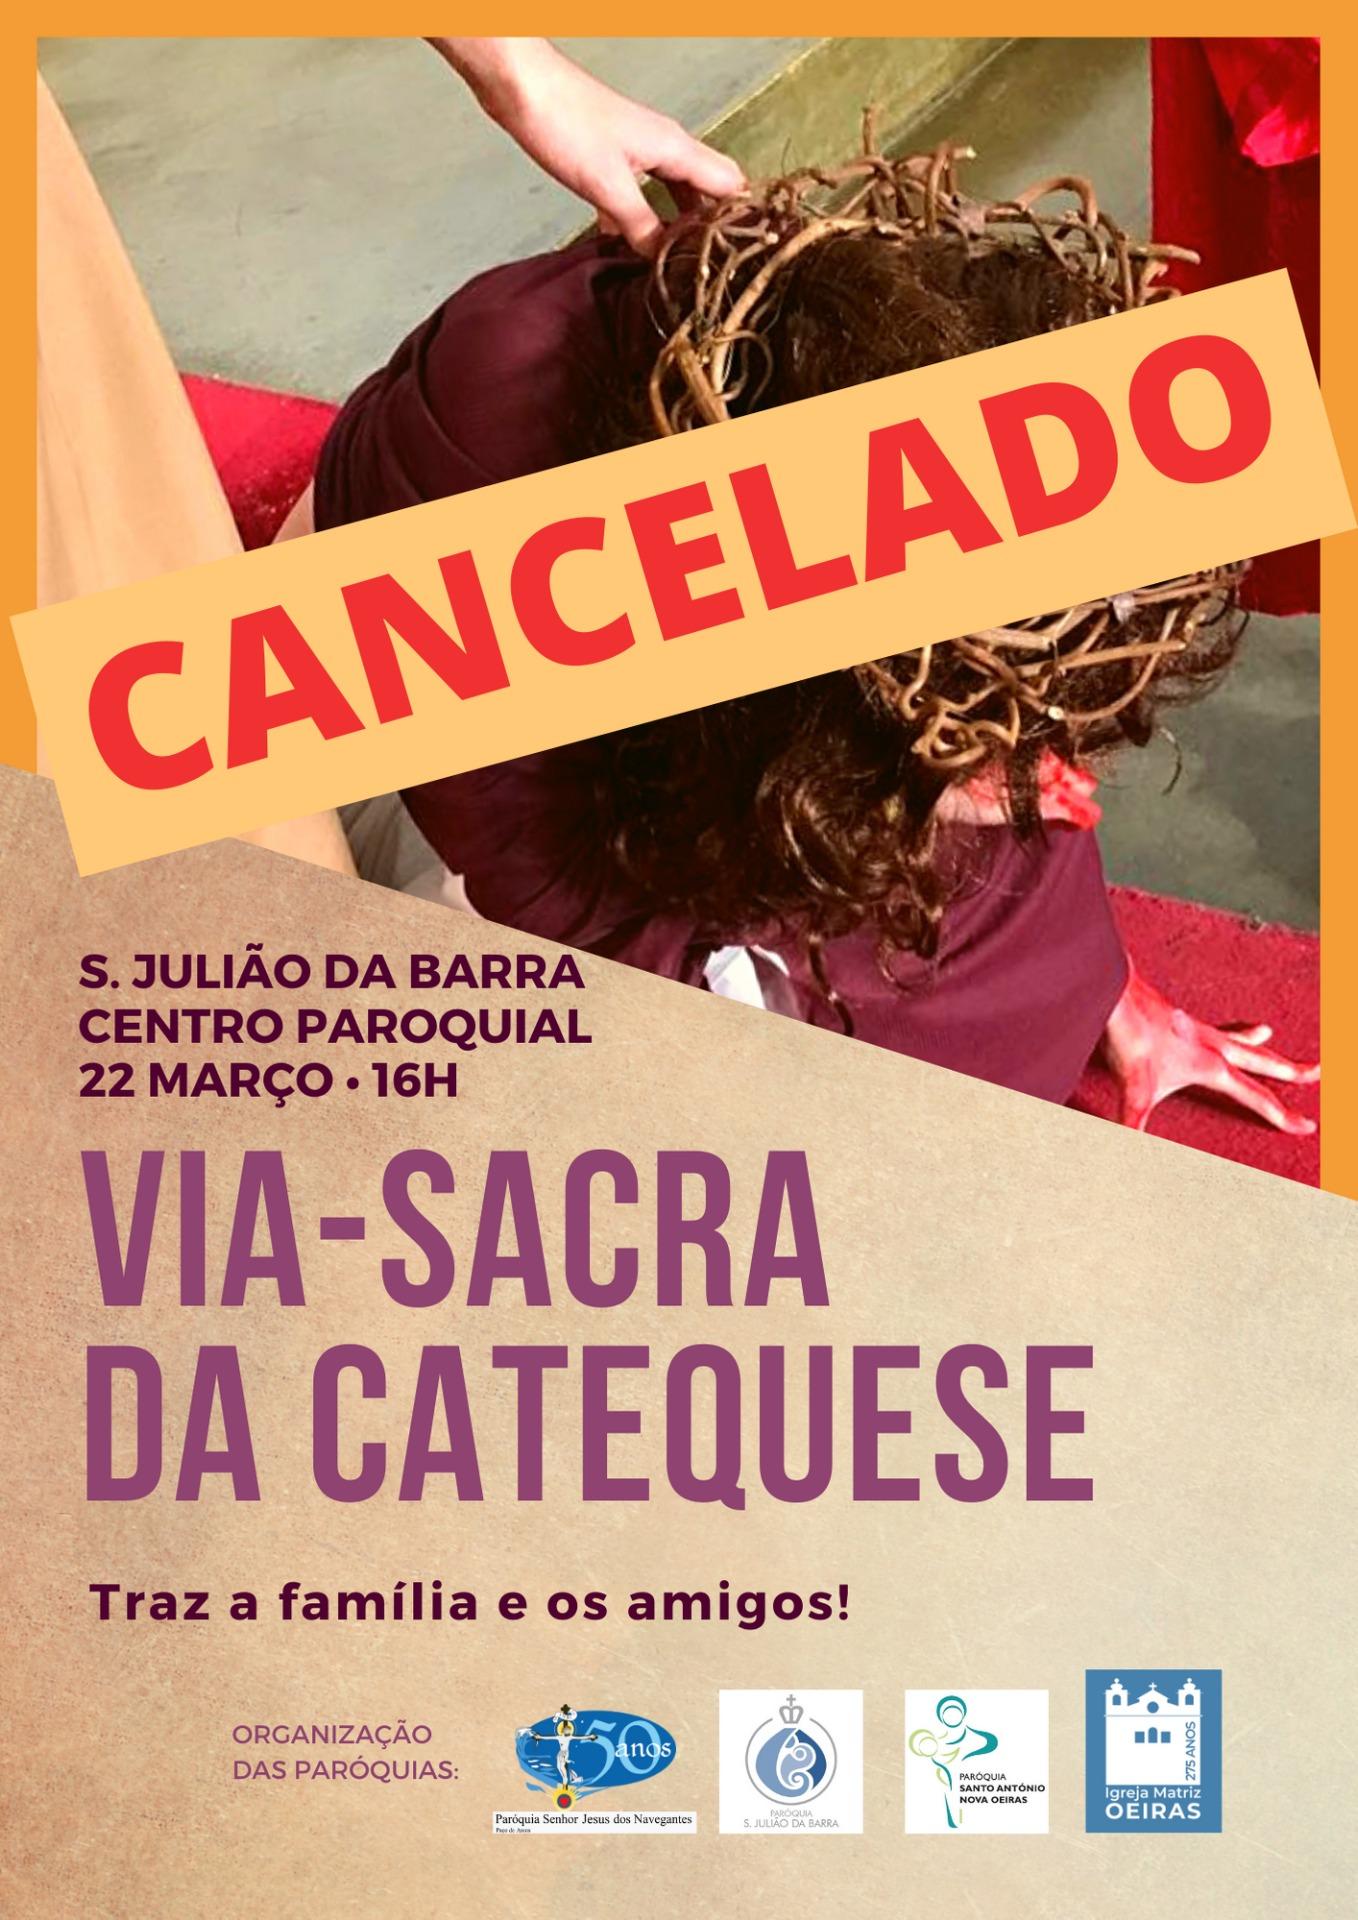 Cancelamento da Via-Sacra da Catequese